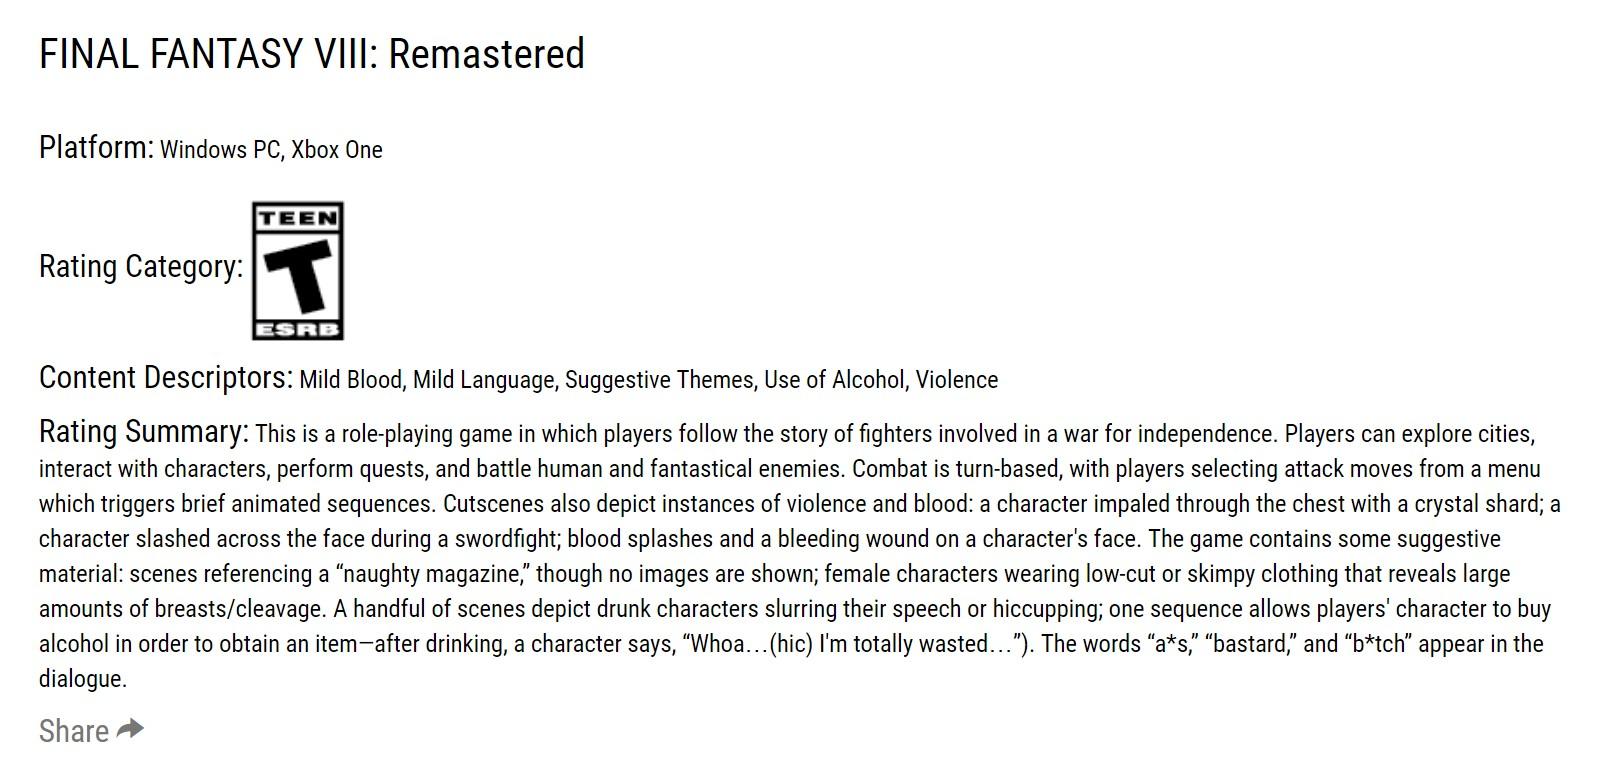 《最终幻想8:重制版》ESRB评级13+ 包含性暗示